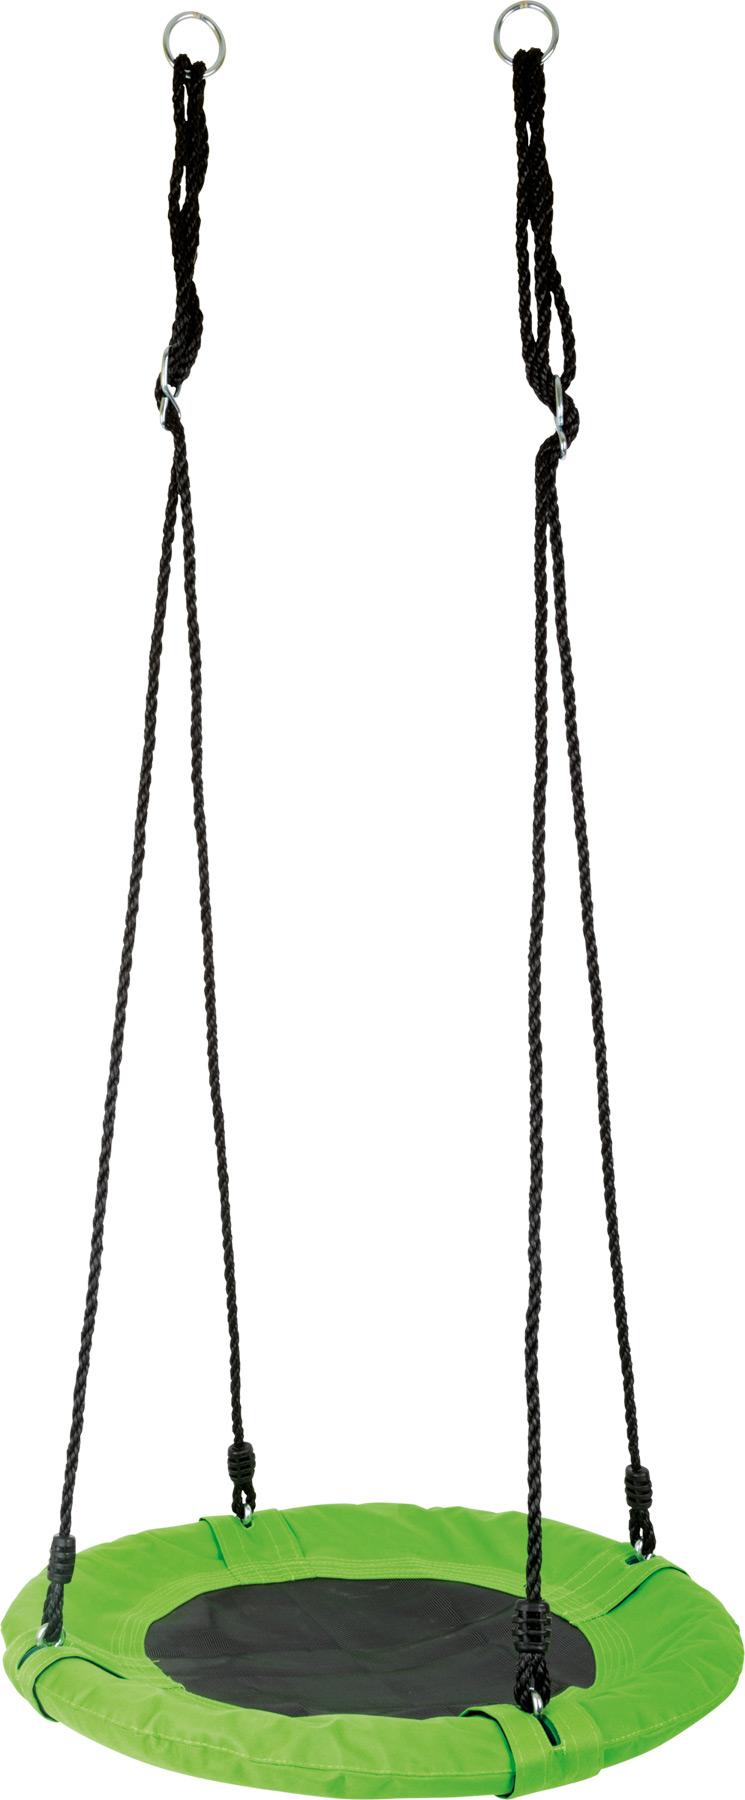 Balançoire en filet Pelouse